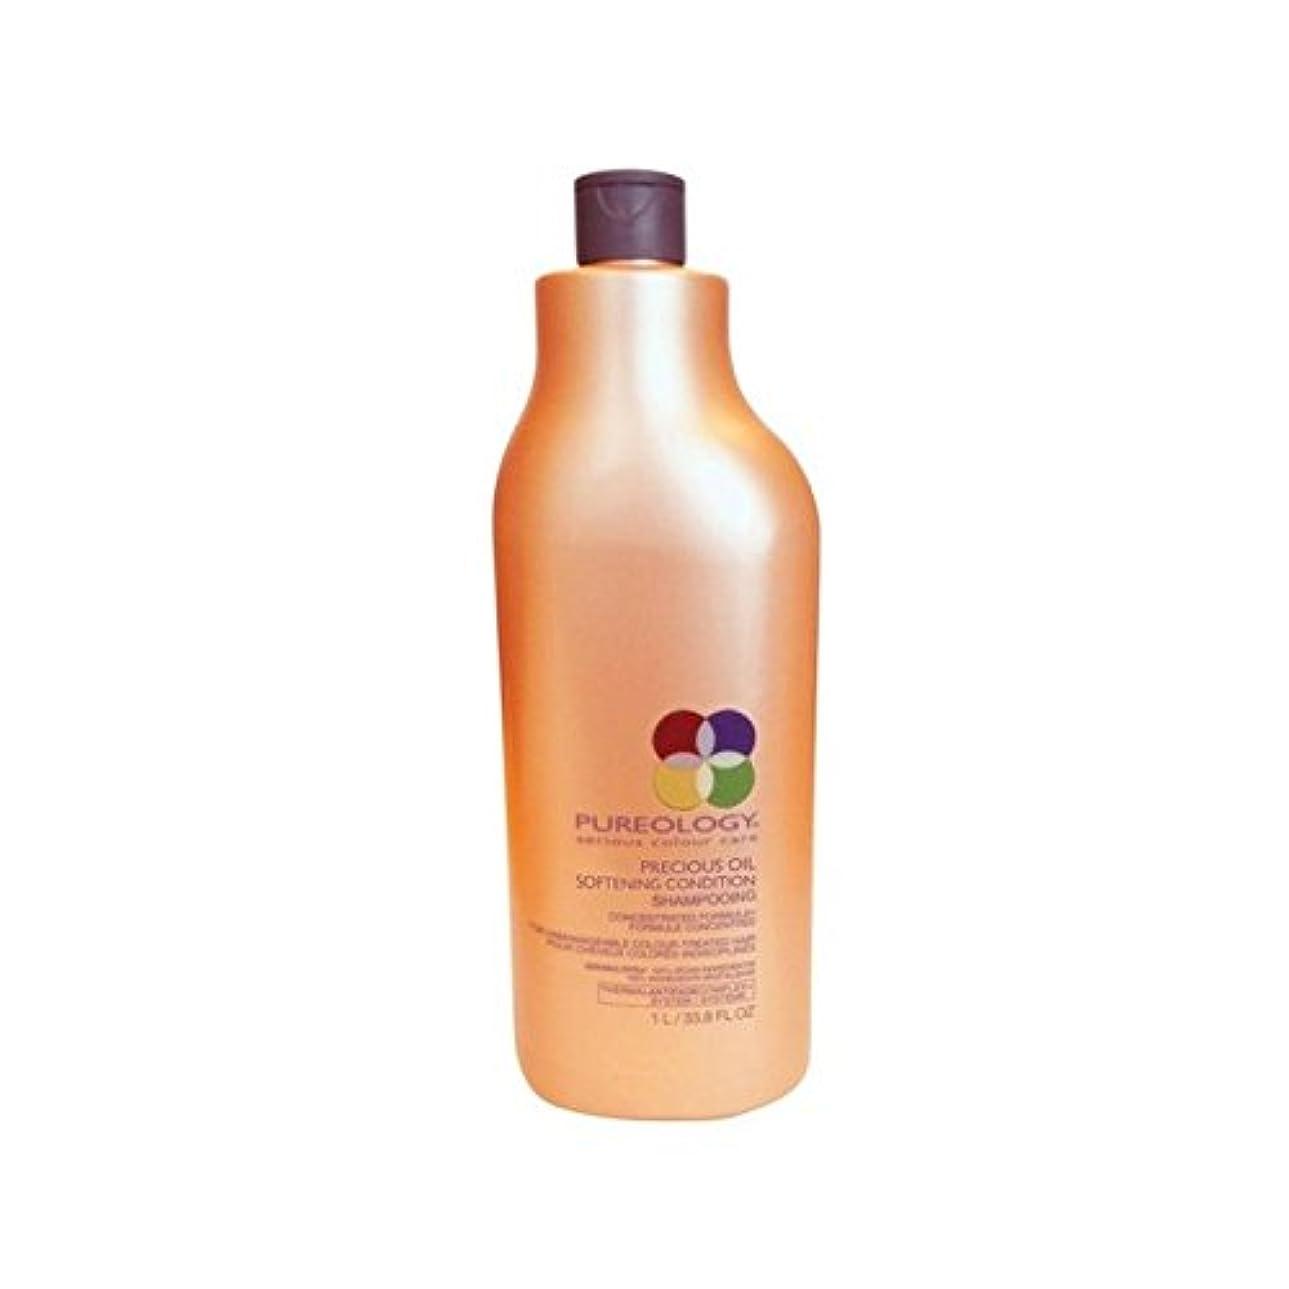 センチメートル快適タブレットPureology Precious Oil Conditioner (1000ml) - 貴重なオイルコンディショナー(千ミリリットル) [並行輸入品]